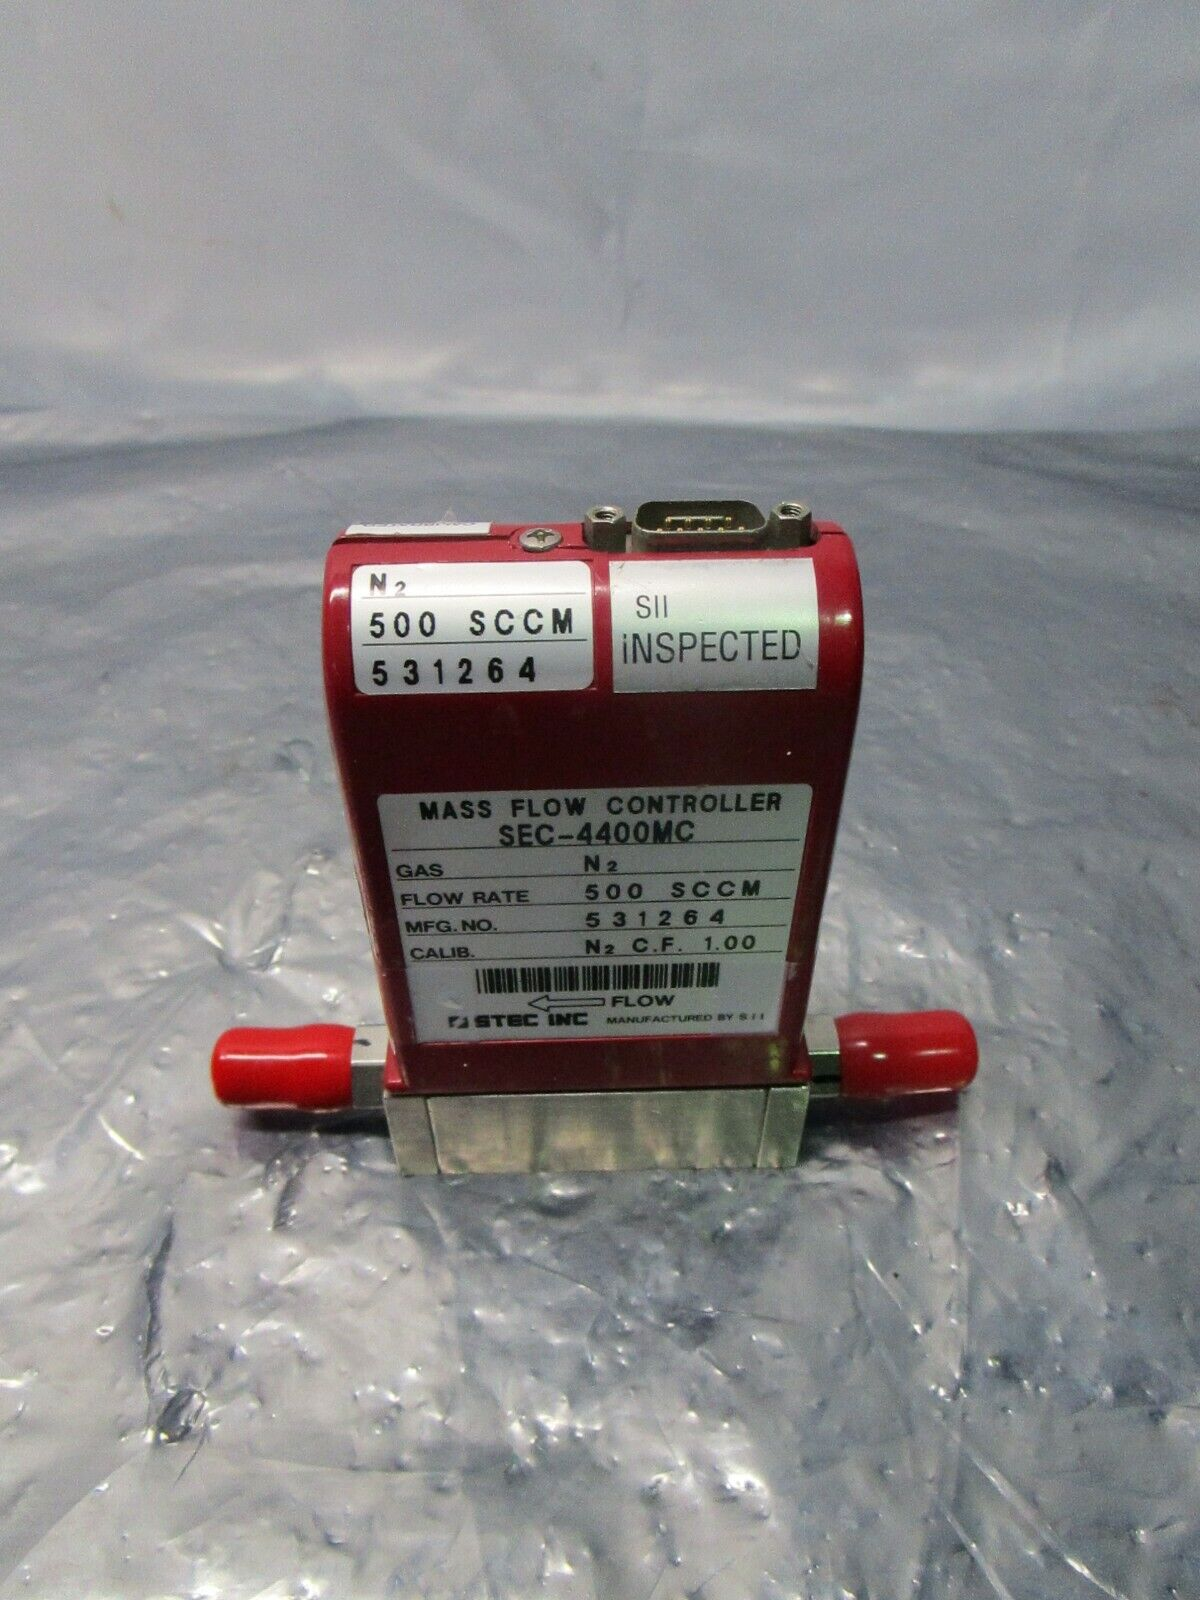 STEC SEC-4400MC Mass Flow Controller, MFC, N2, 500 SCCM, 418941